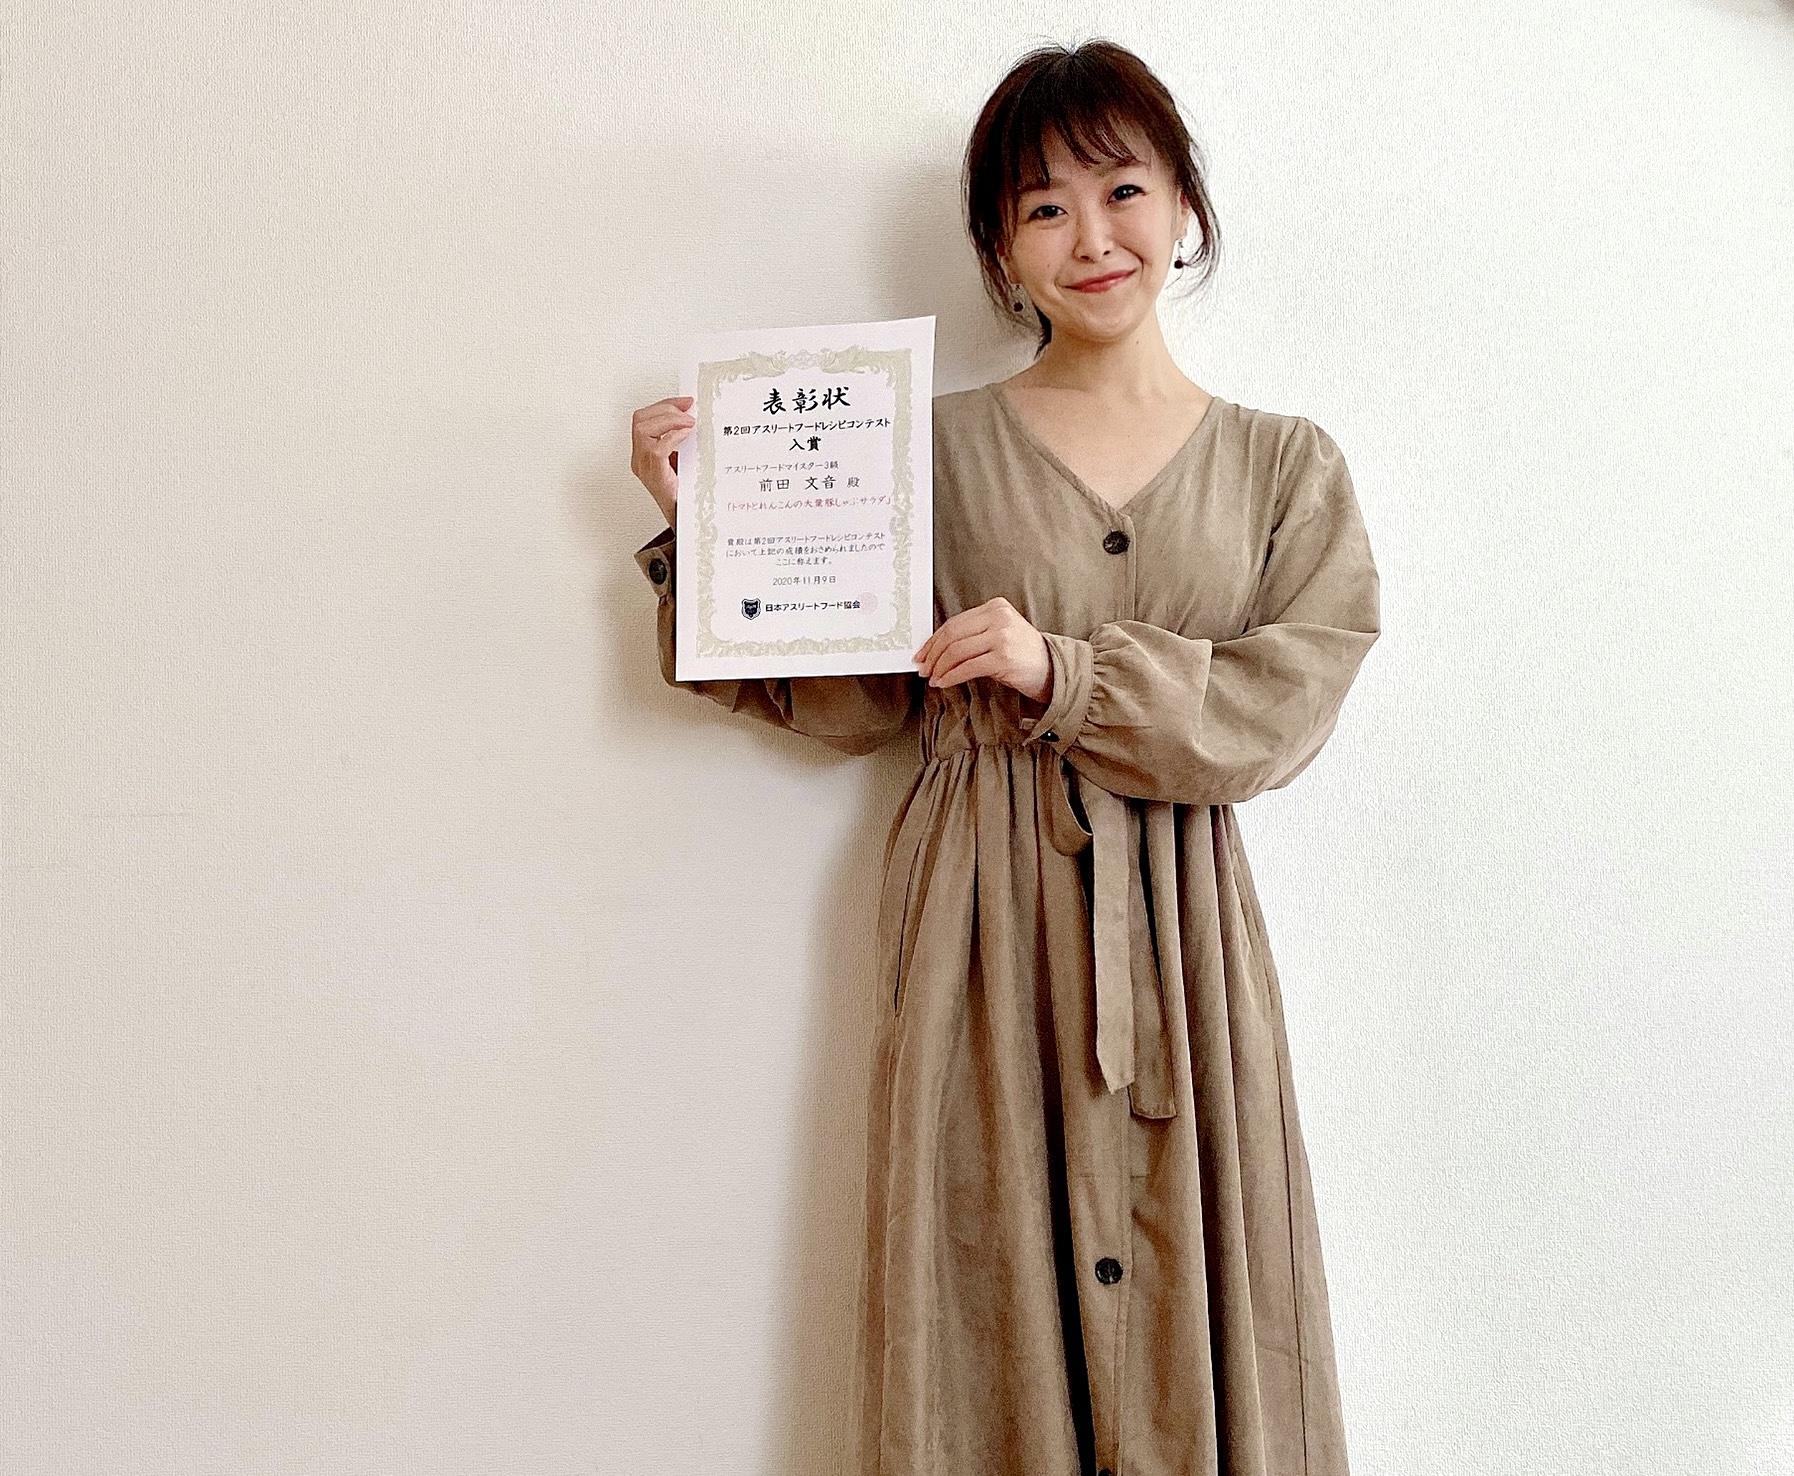 【アスリートフードマイスター】レシピコンテスト入賞しました!入賞レシピをご紹介★_1